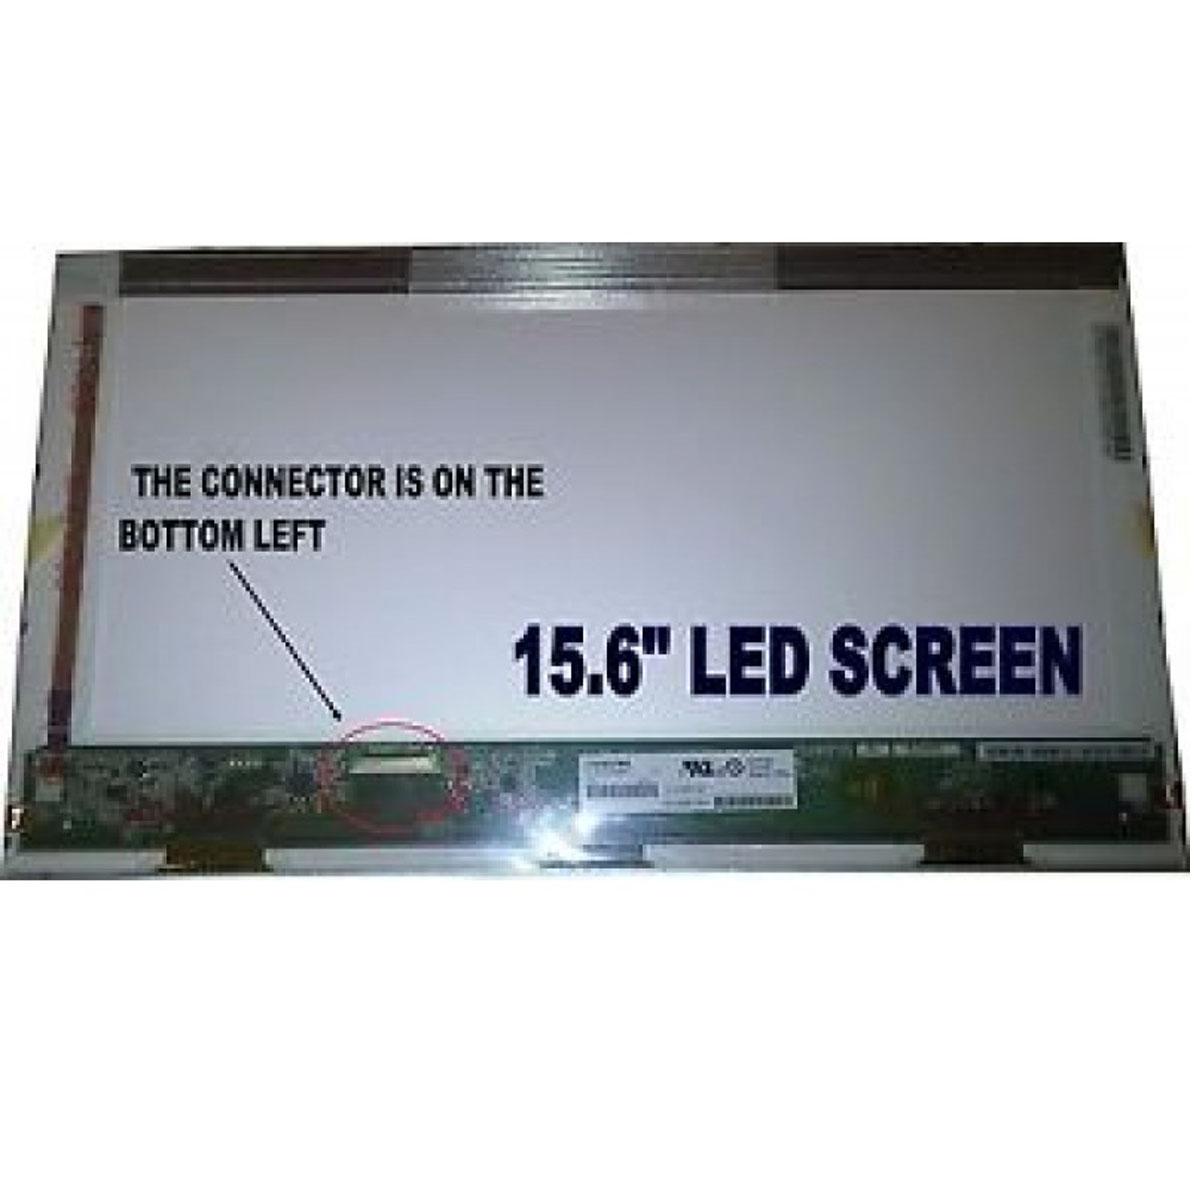 Xps lap led